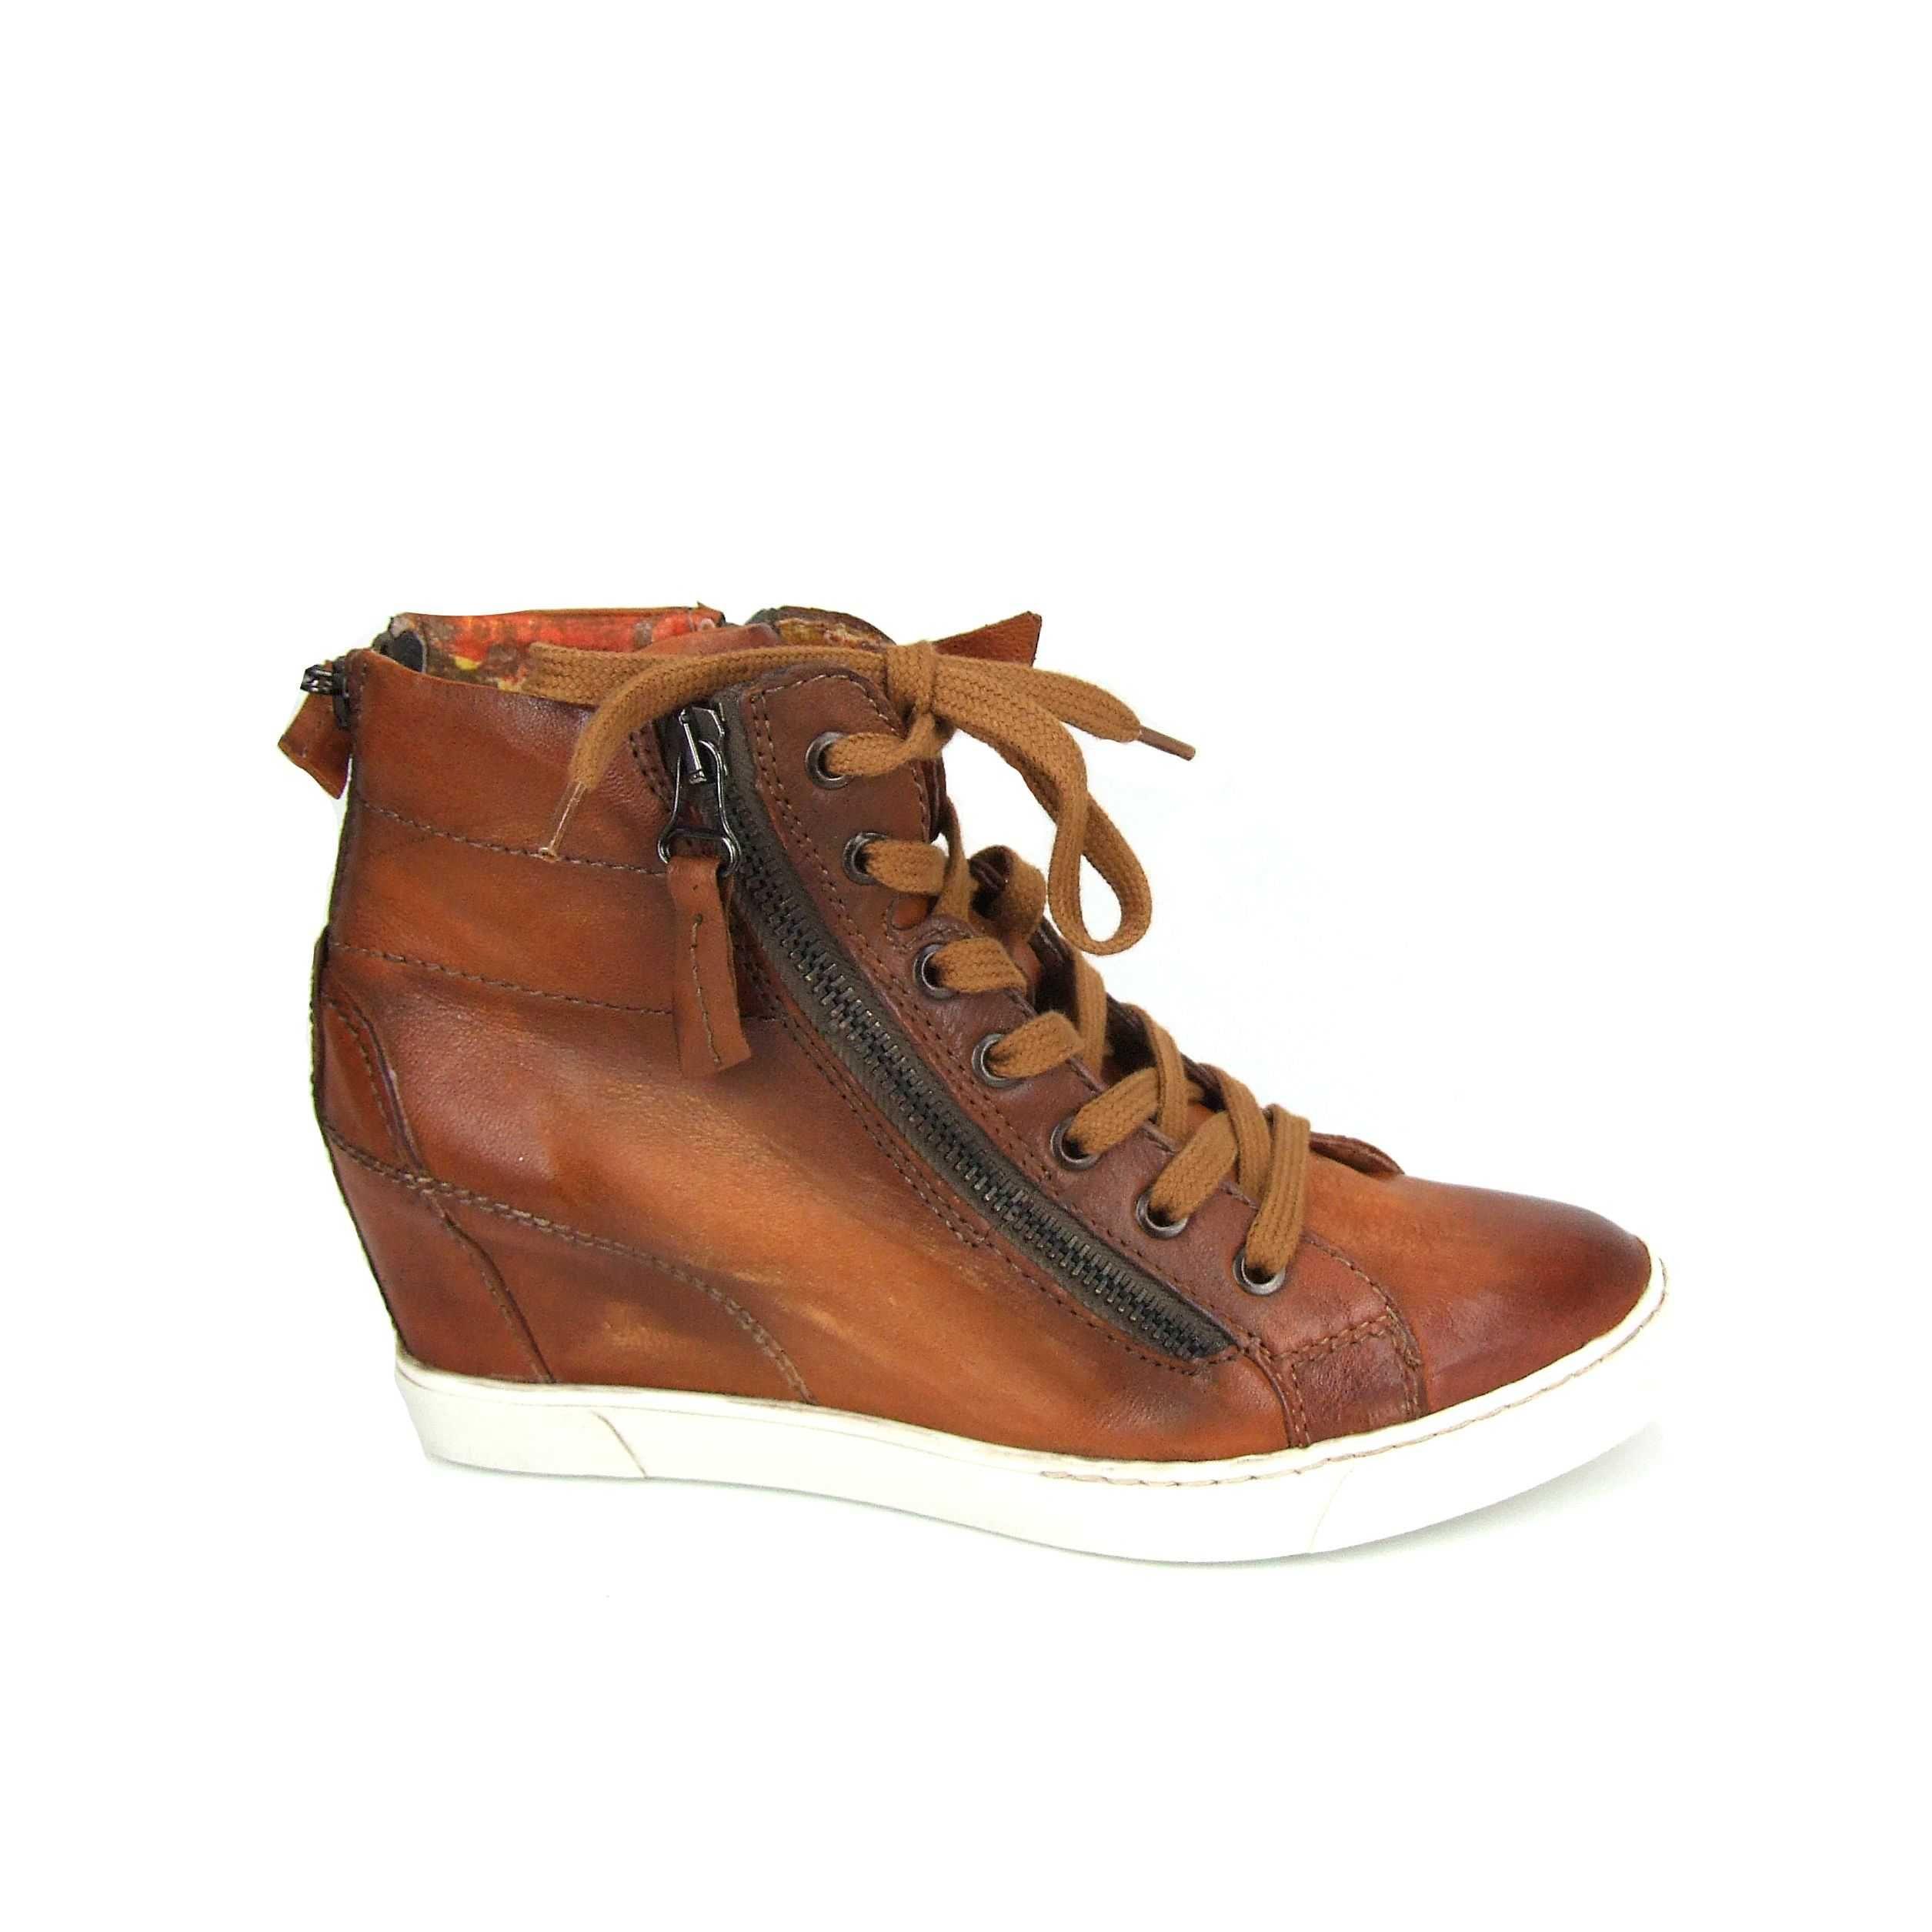 Sleehak sneakers van Mjus! Deze trendy sneakers zijn van leer en canvas  gevoerd. Lekker speels door een drietal ritsen die je allen naar keuze open  of dicht ...